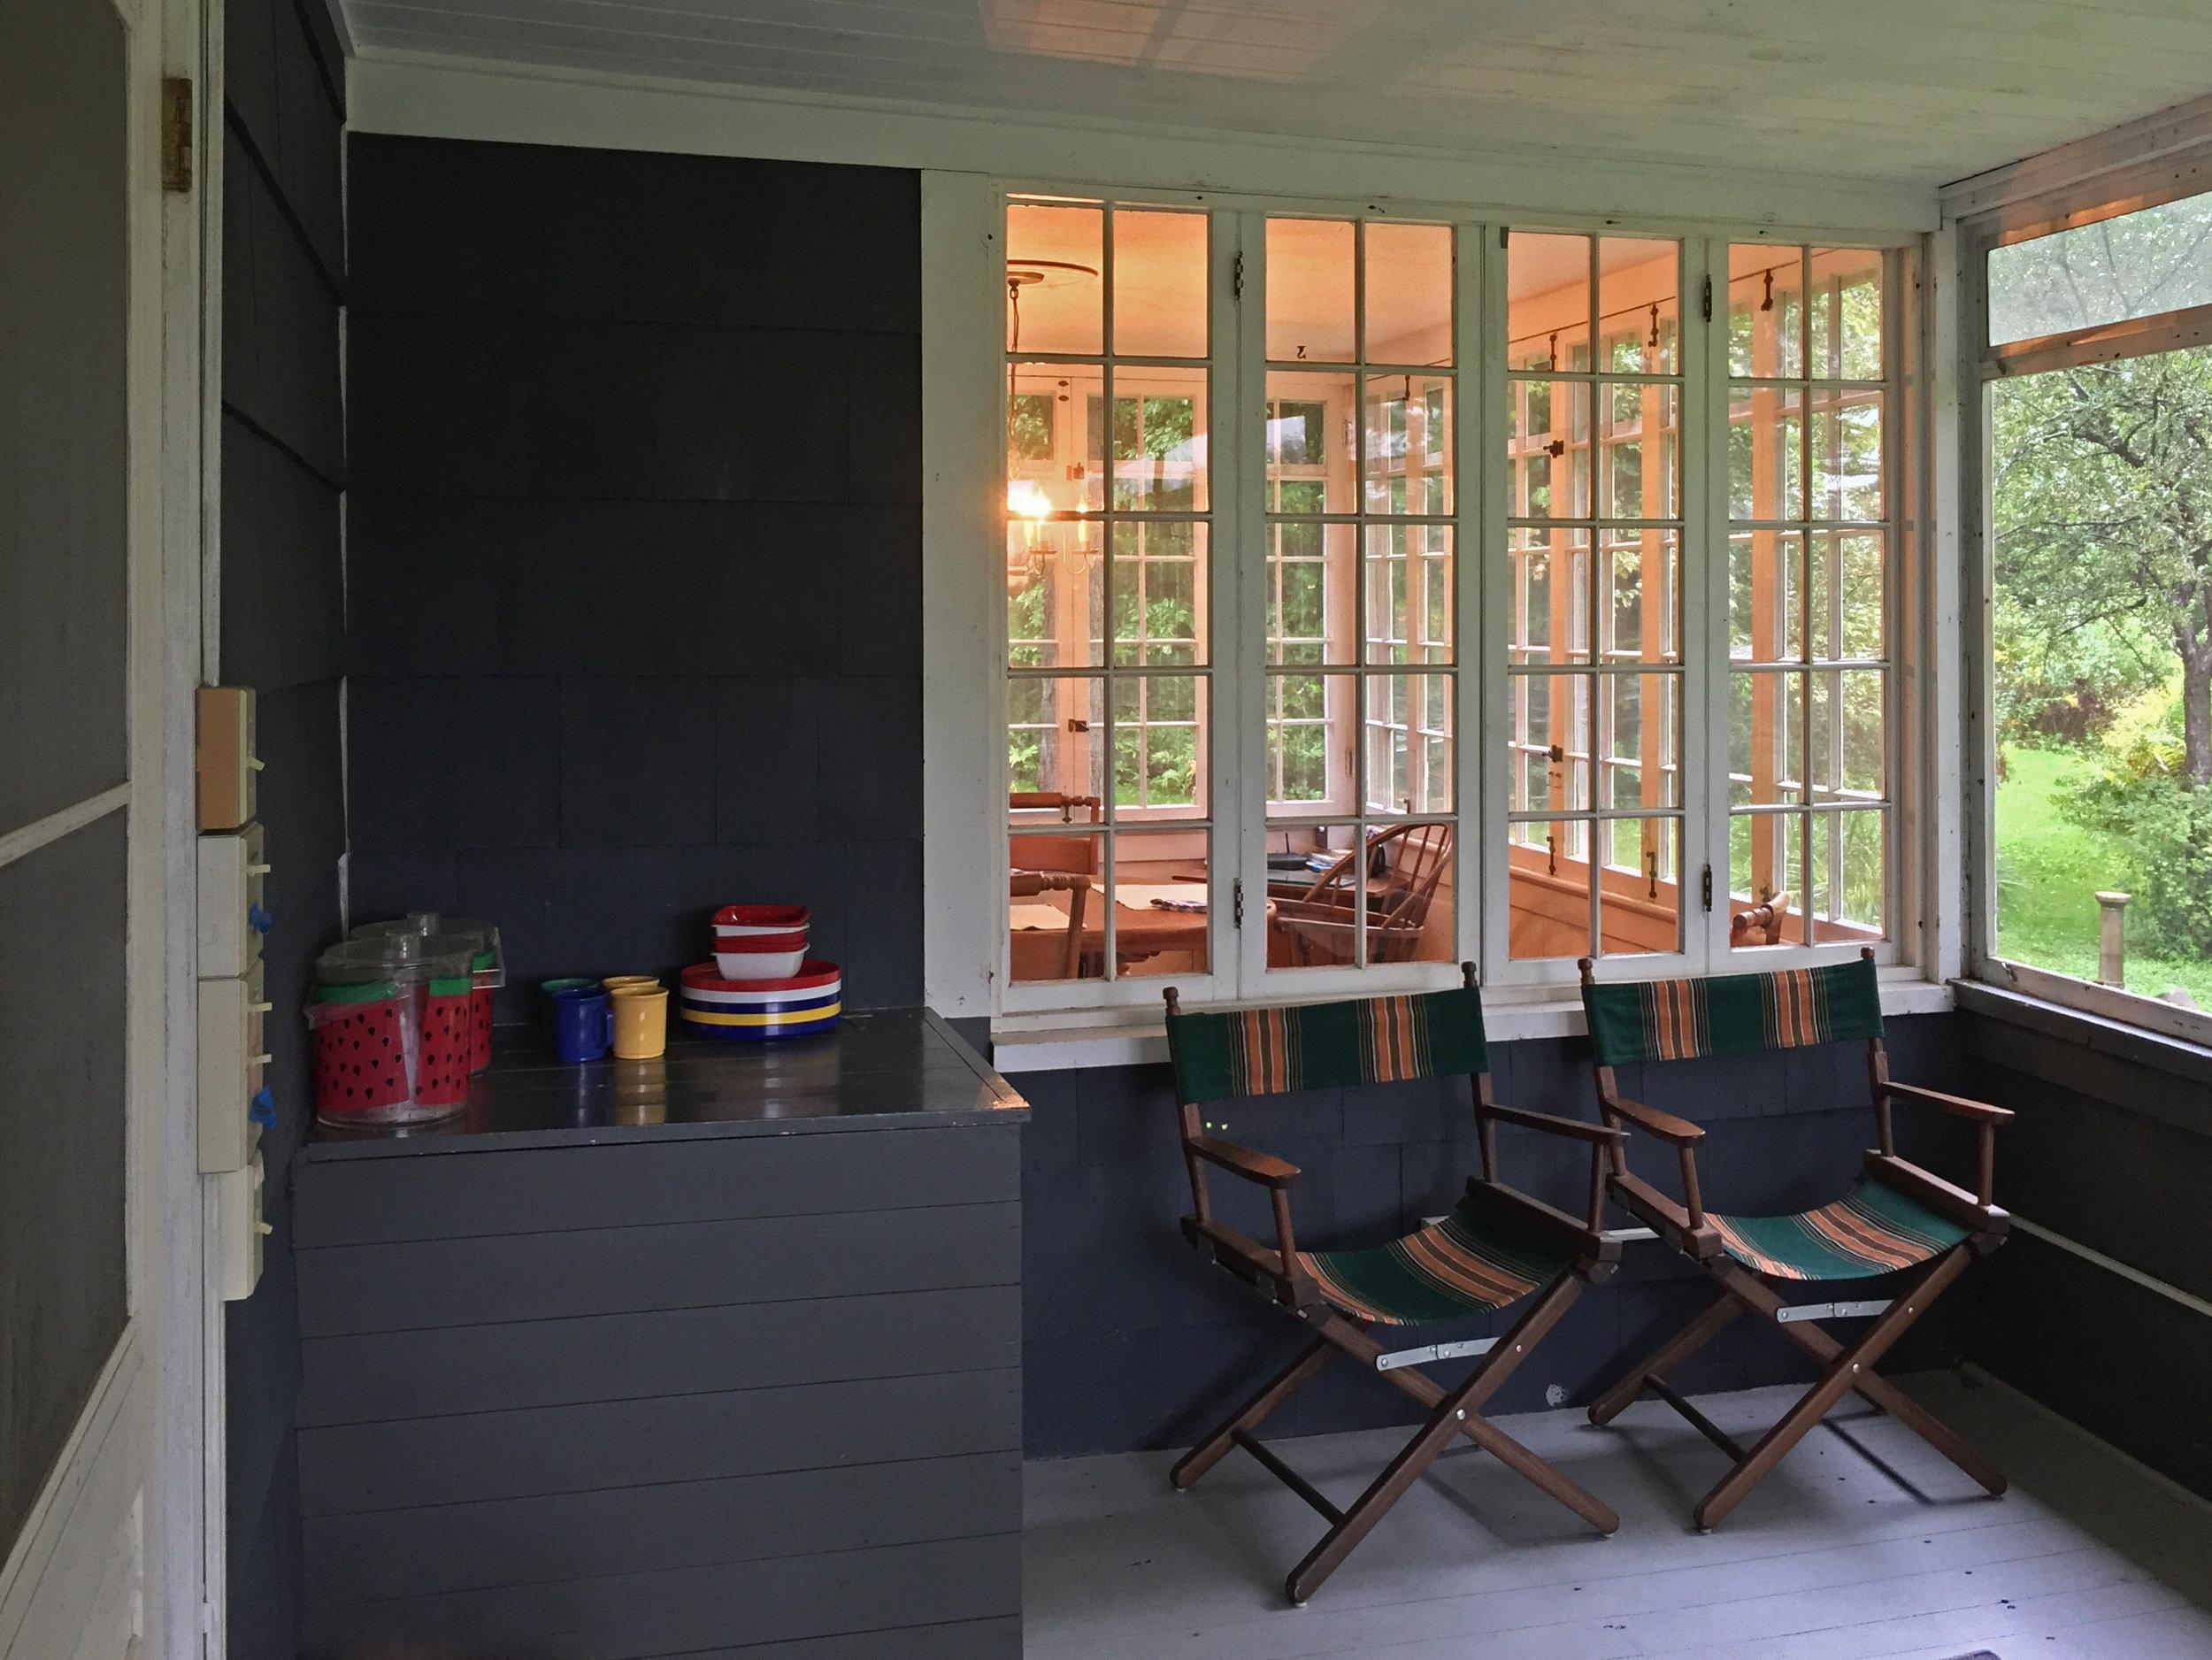 28-Cozy Dining-room light